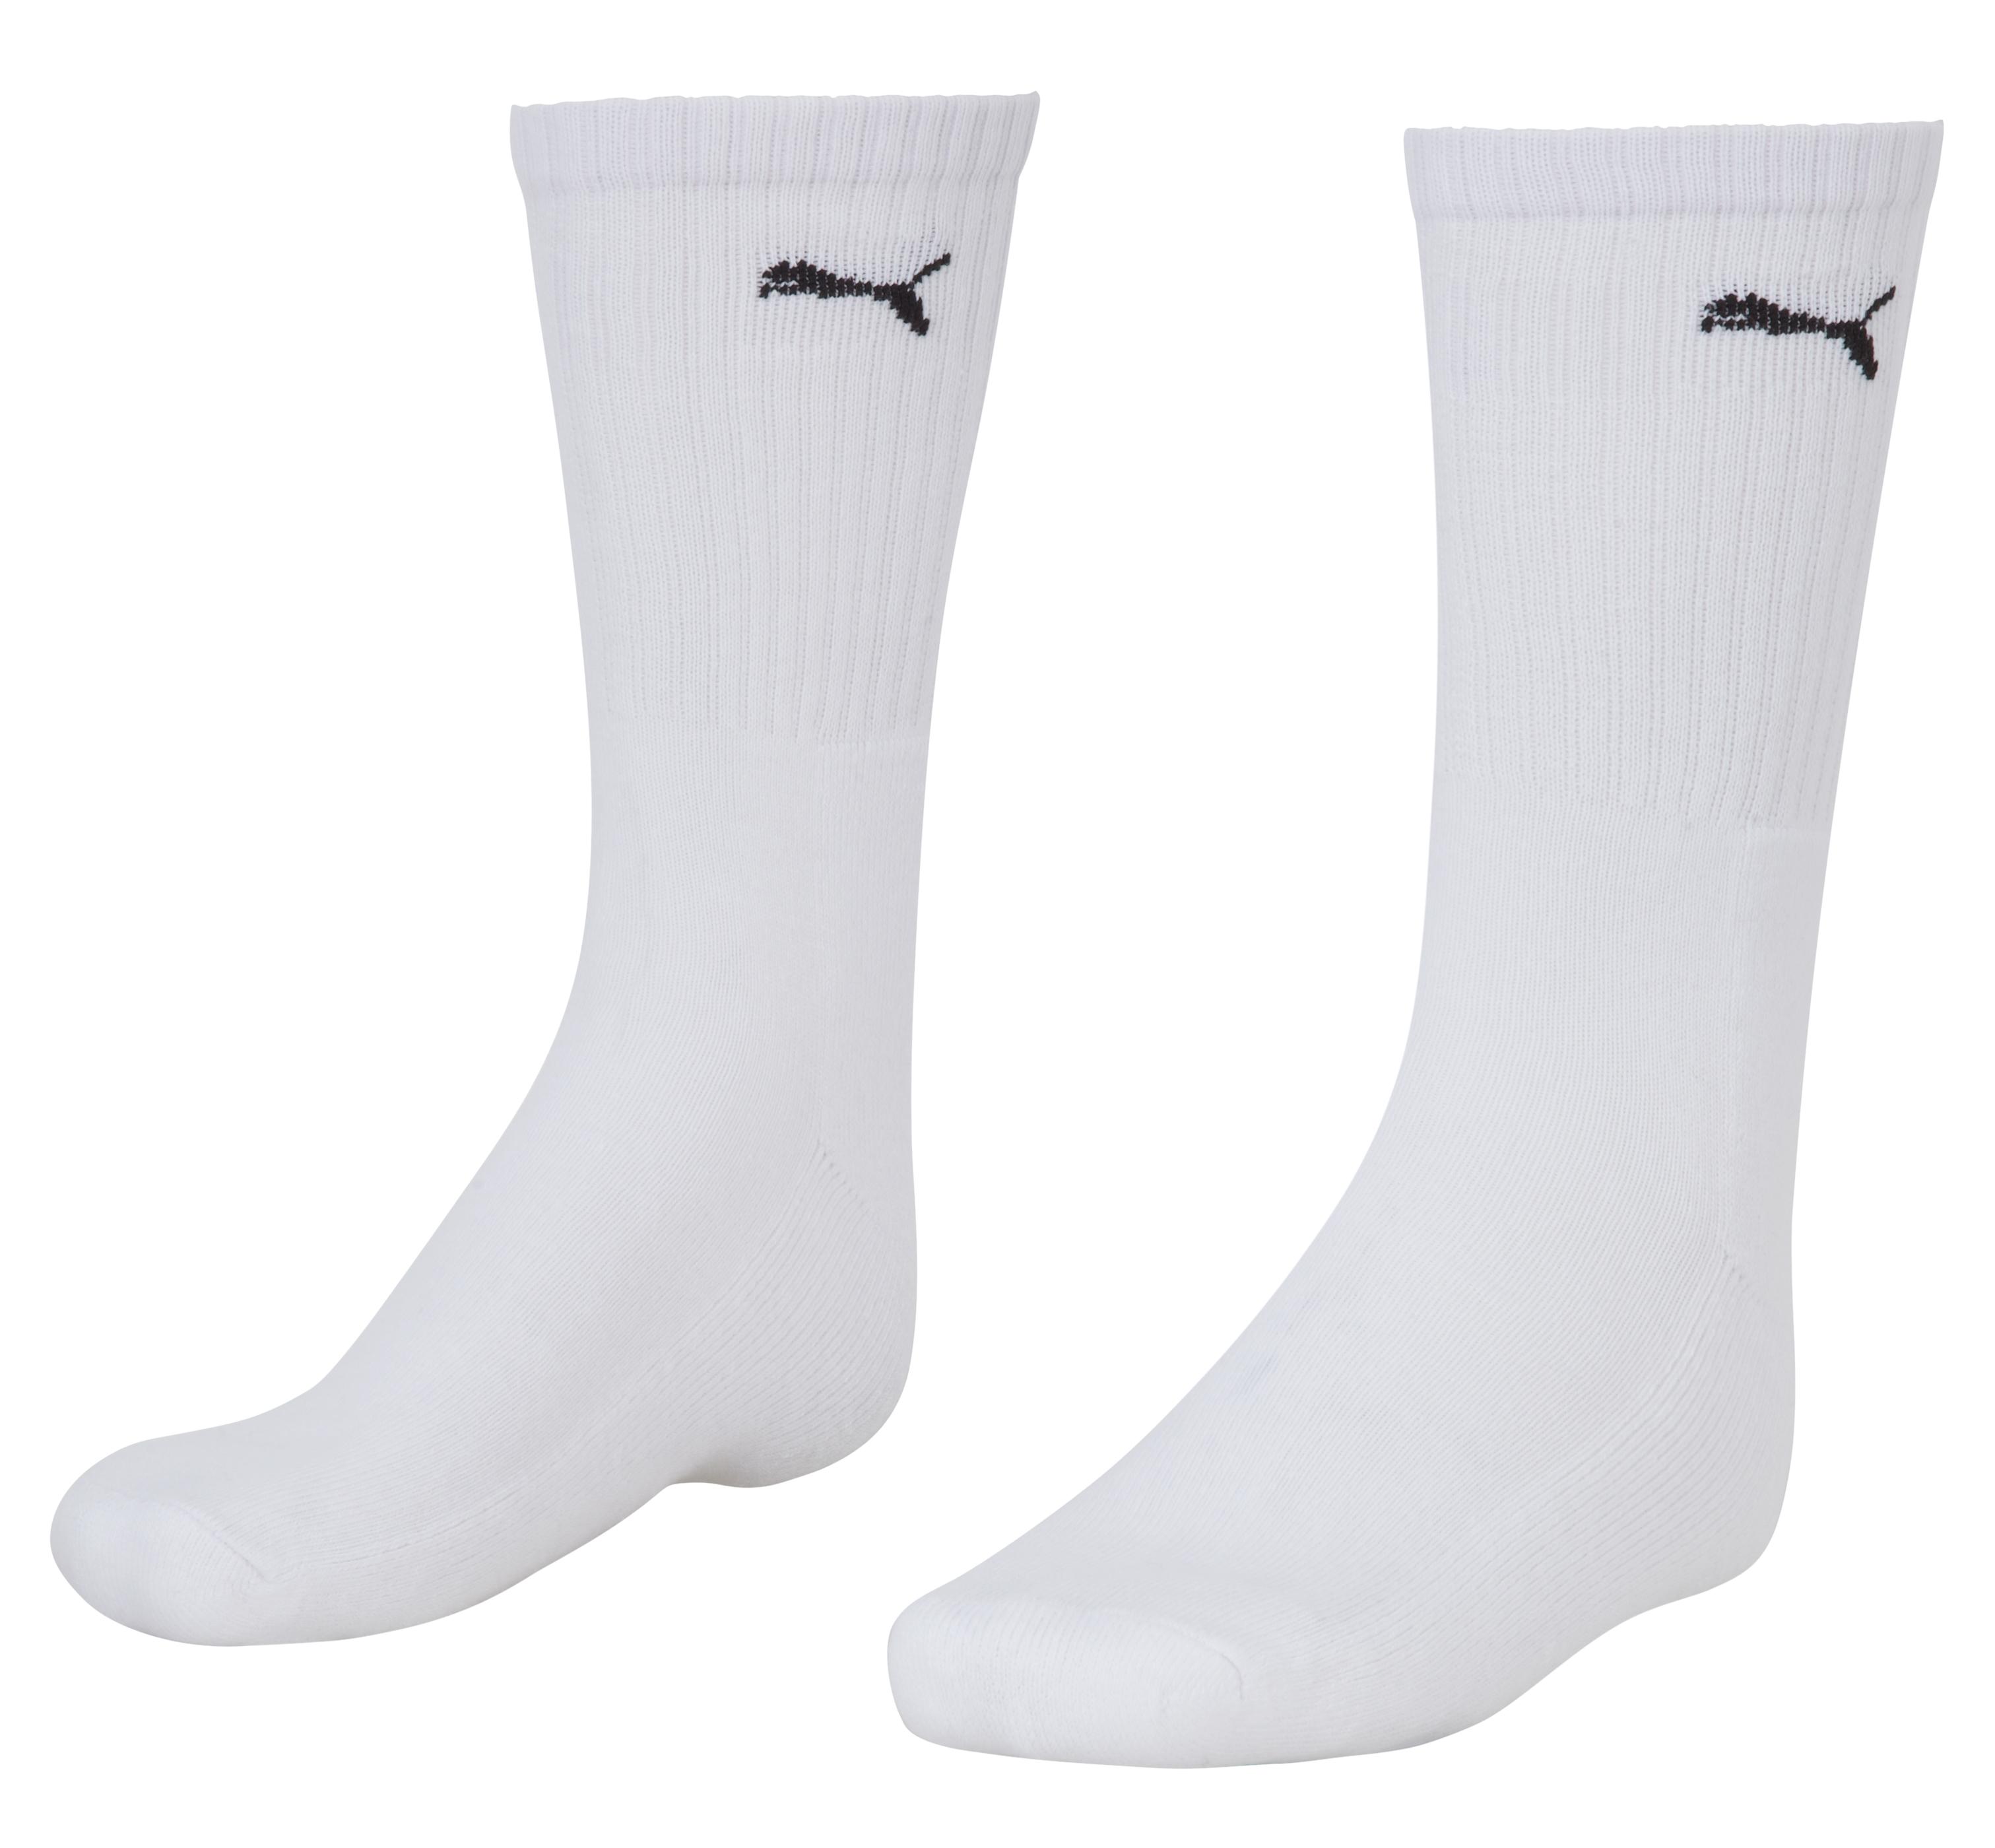 Puma 3 Pack Sock